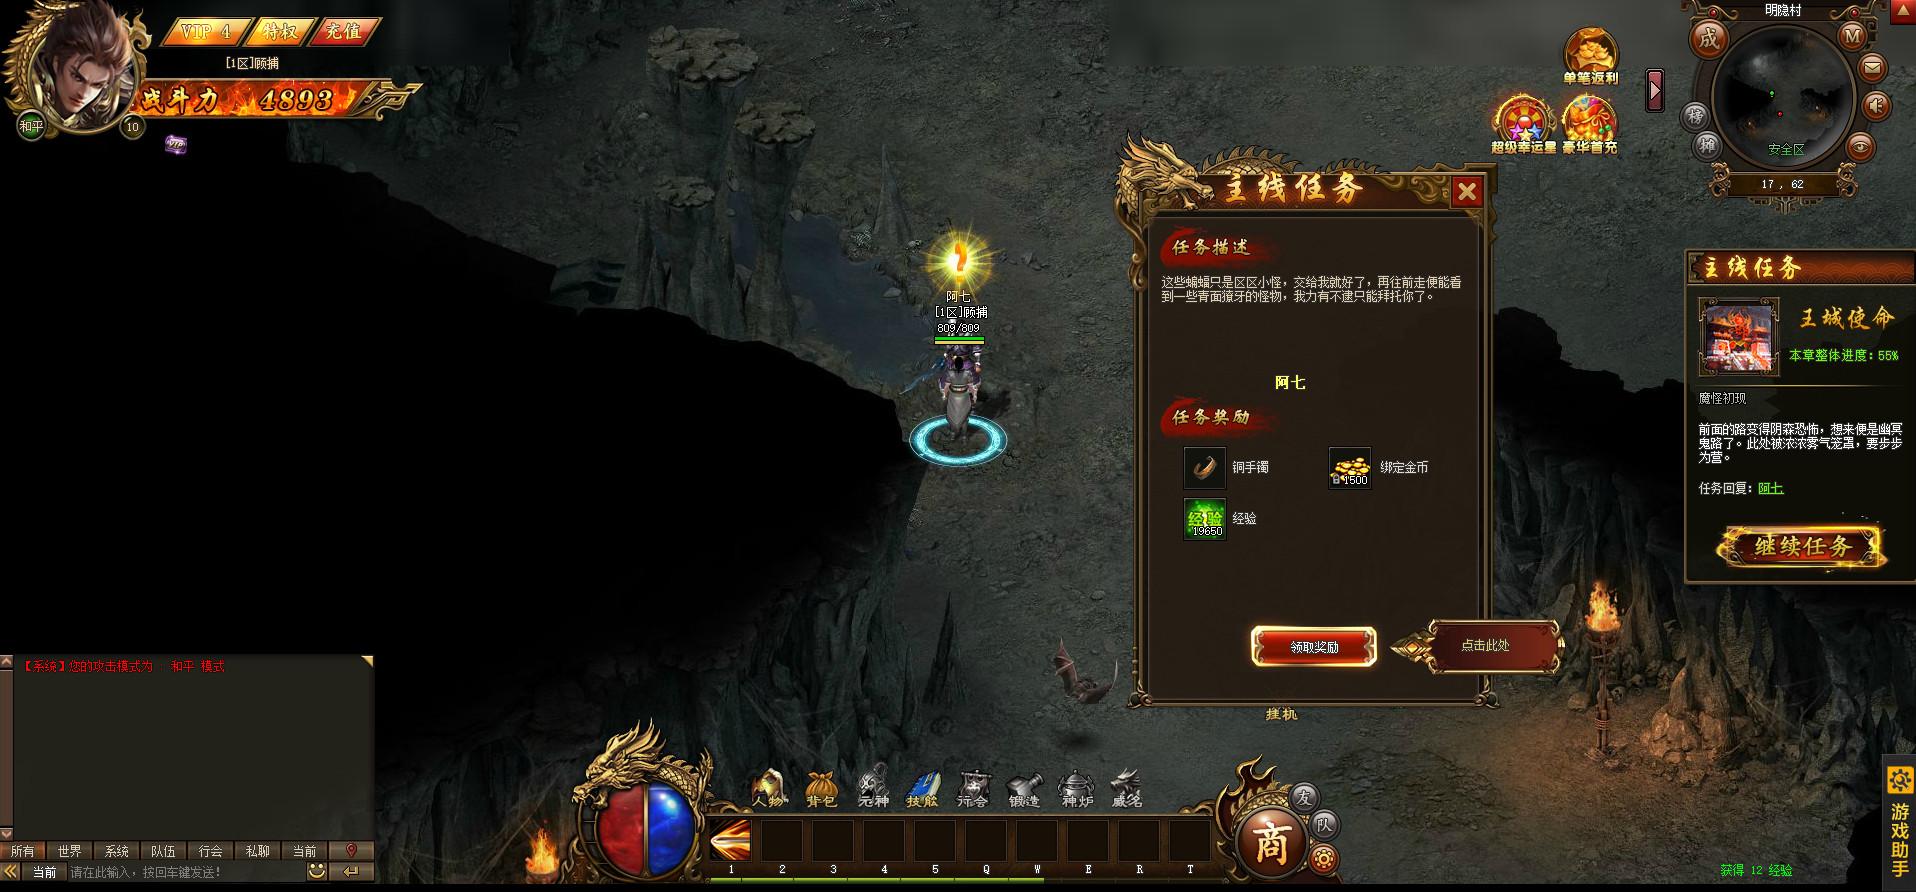 《暗黑灵界》游戏截图